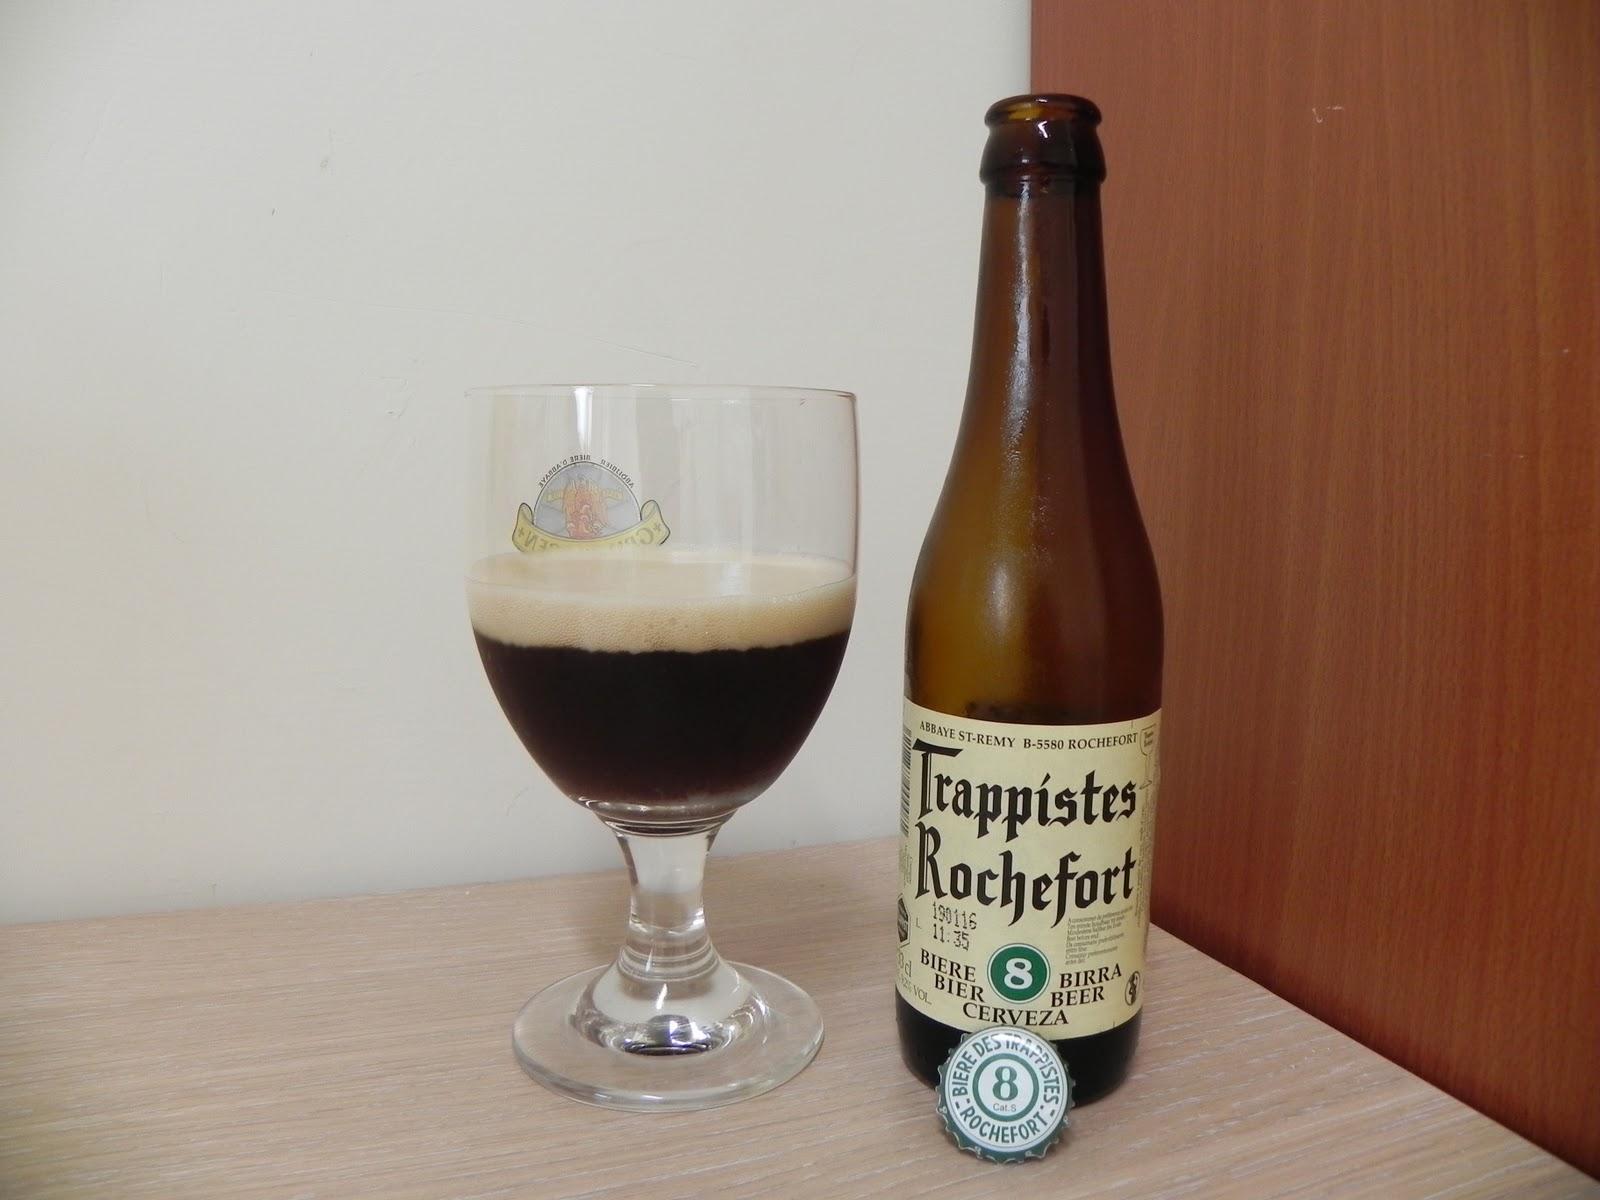 旅行的記憶: Trappistes Rochefort 8 瑞福8修道院啤酒